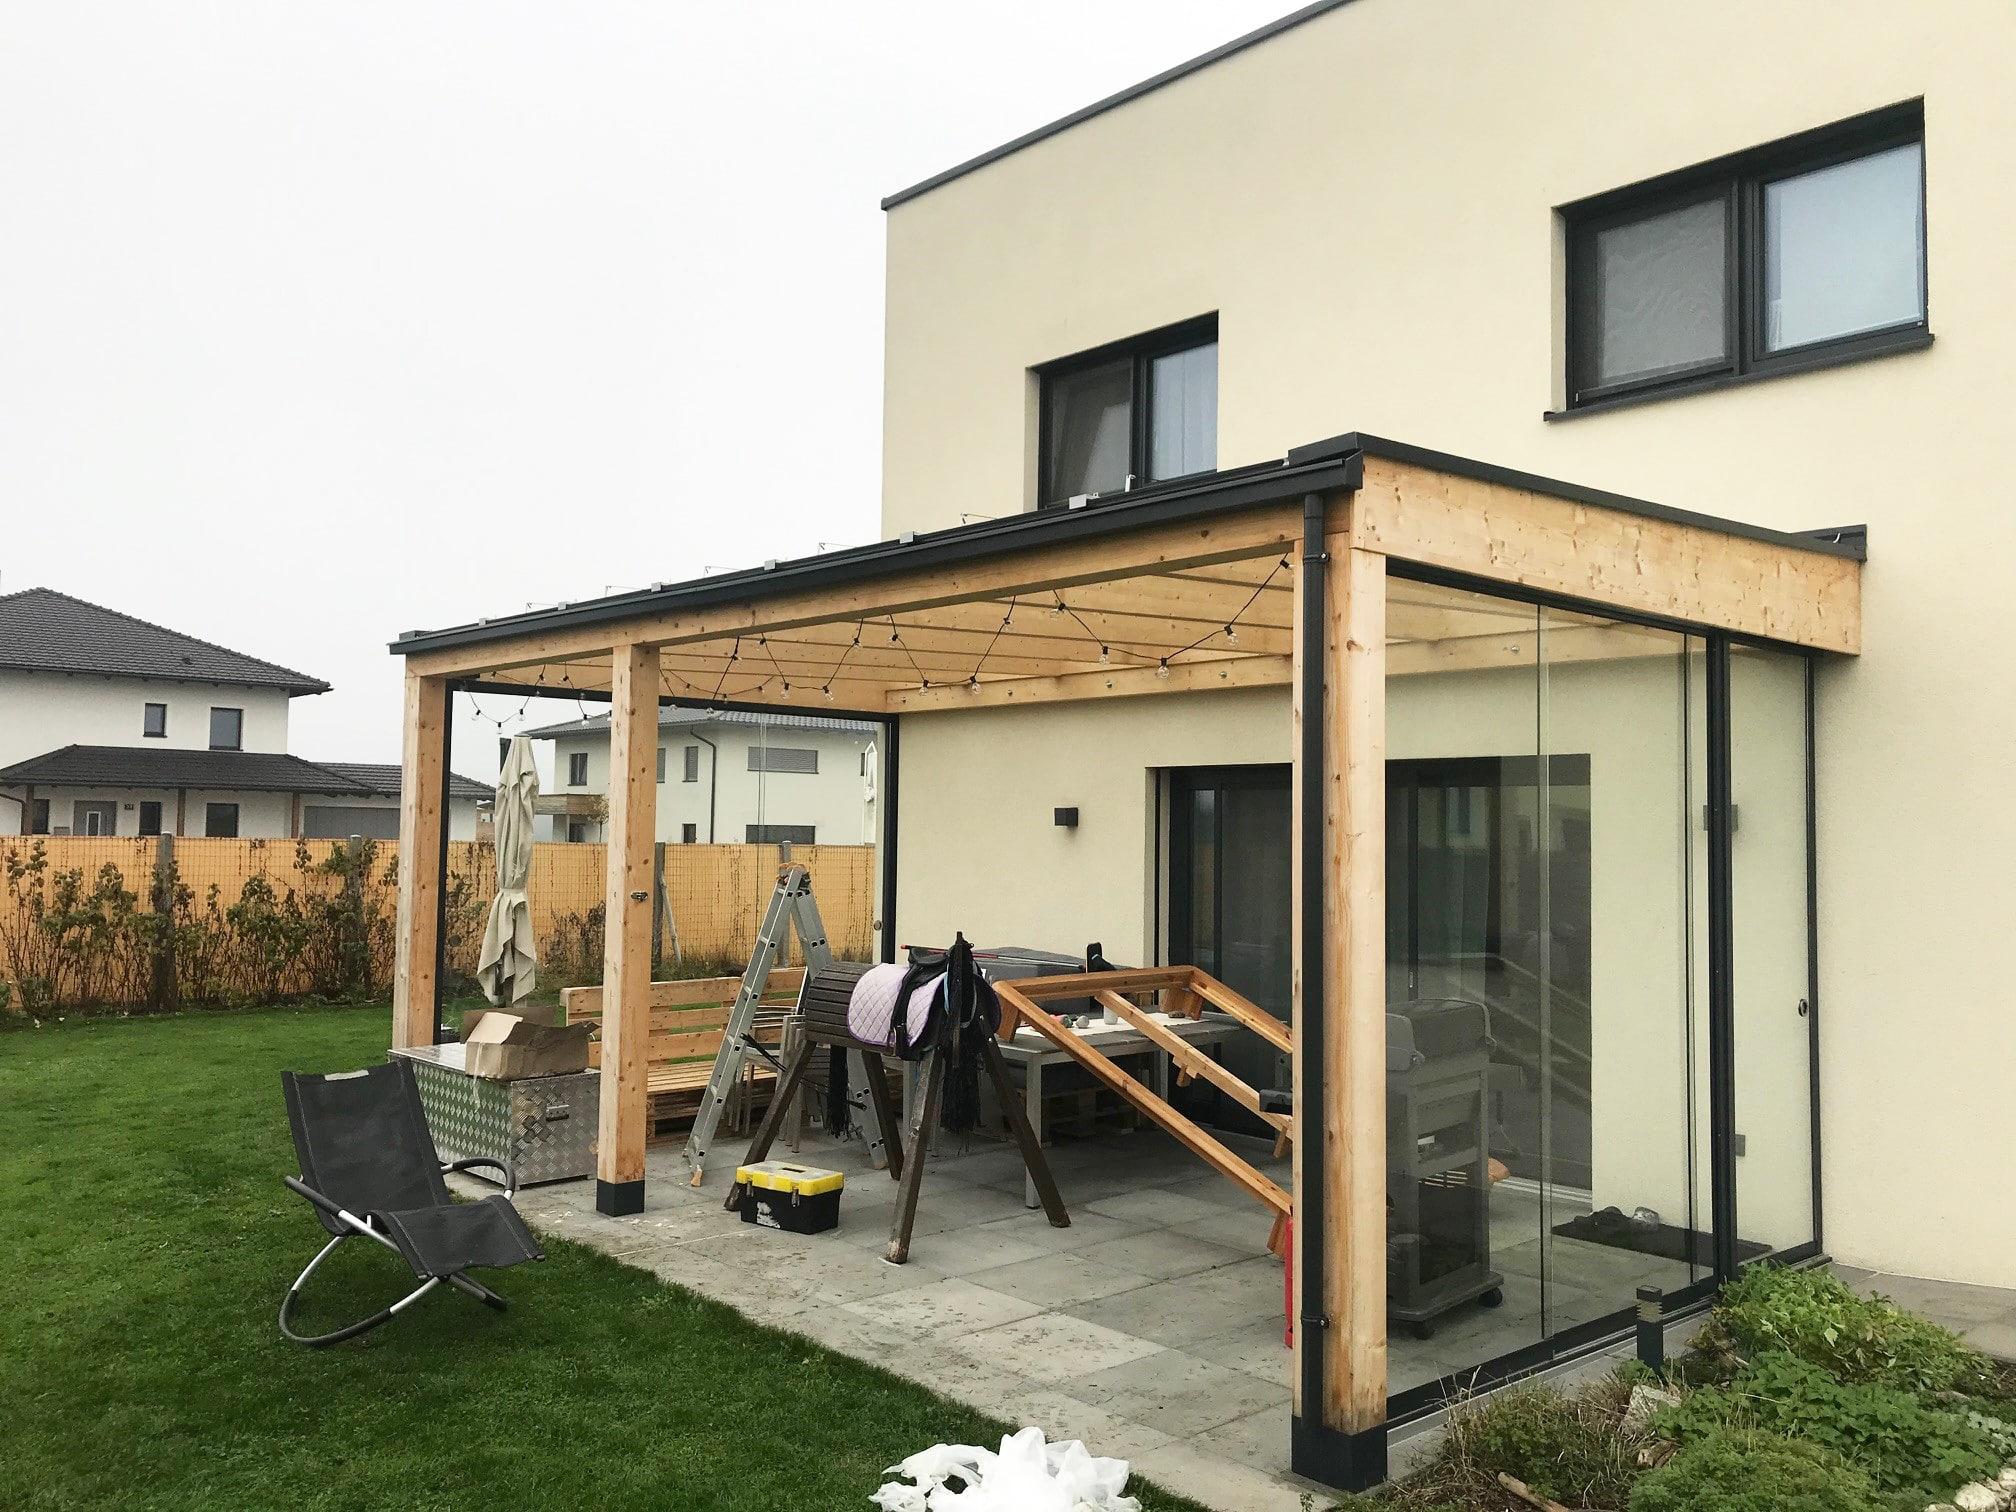 Schiebewände für bestehende Holz-Terrassenüberdachung